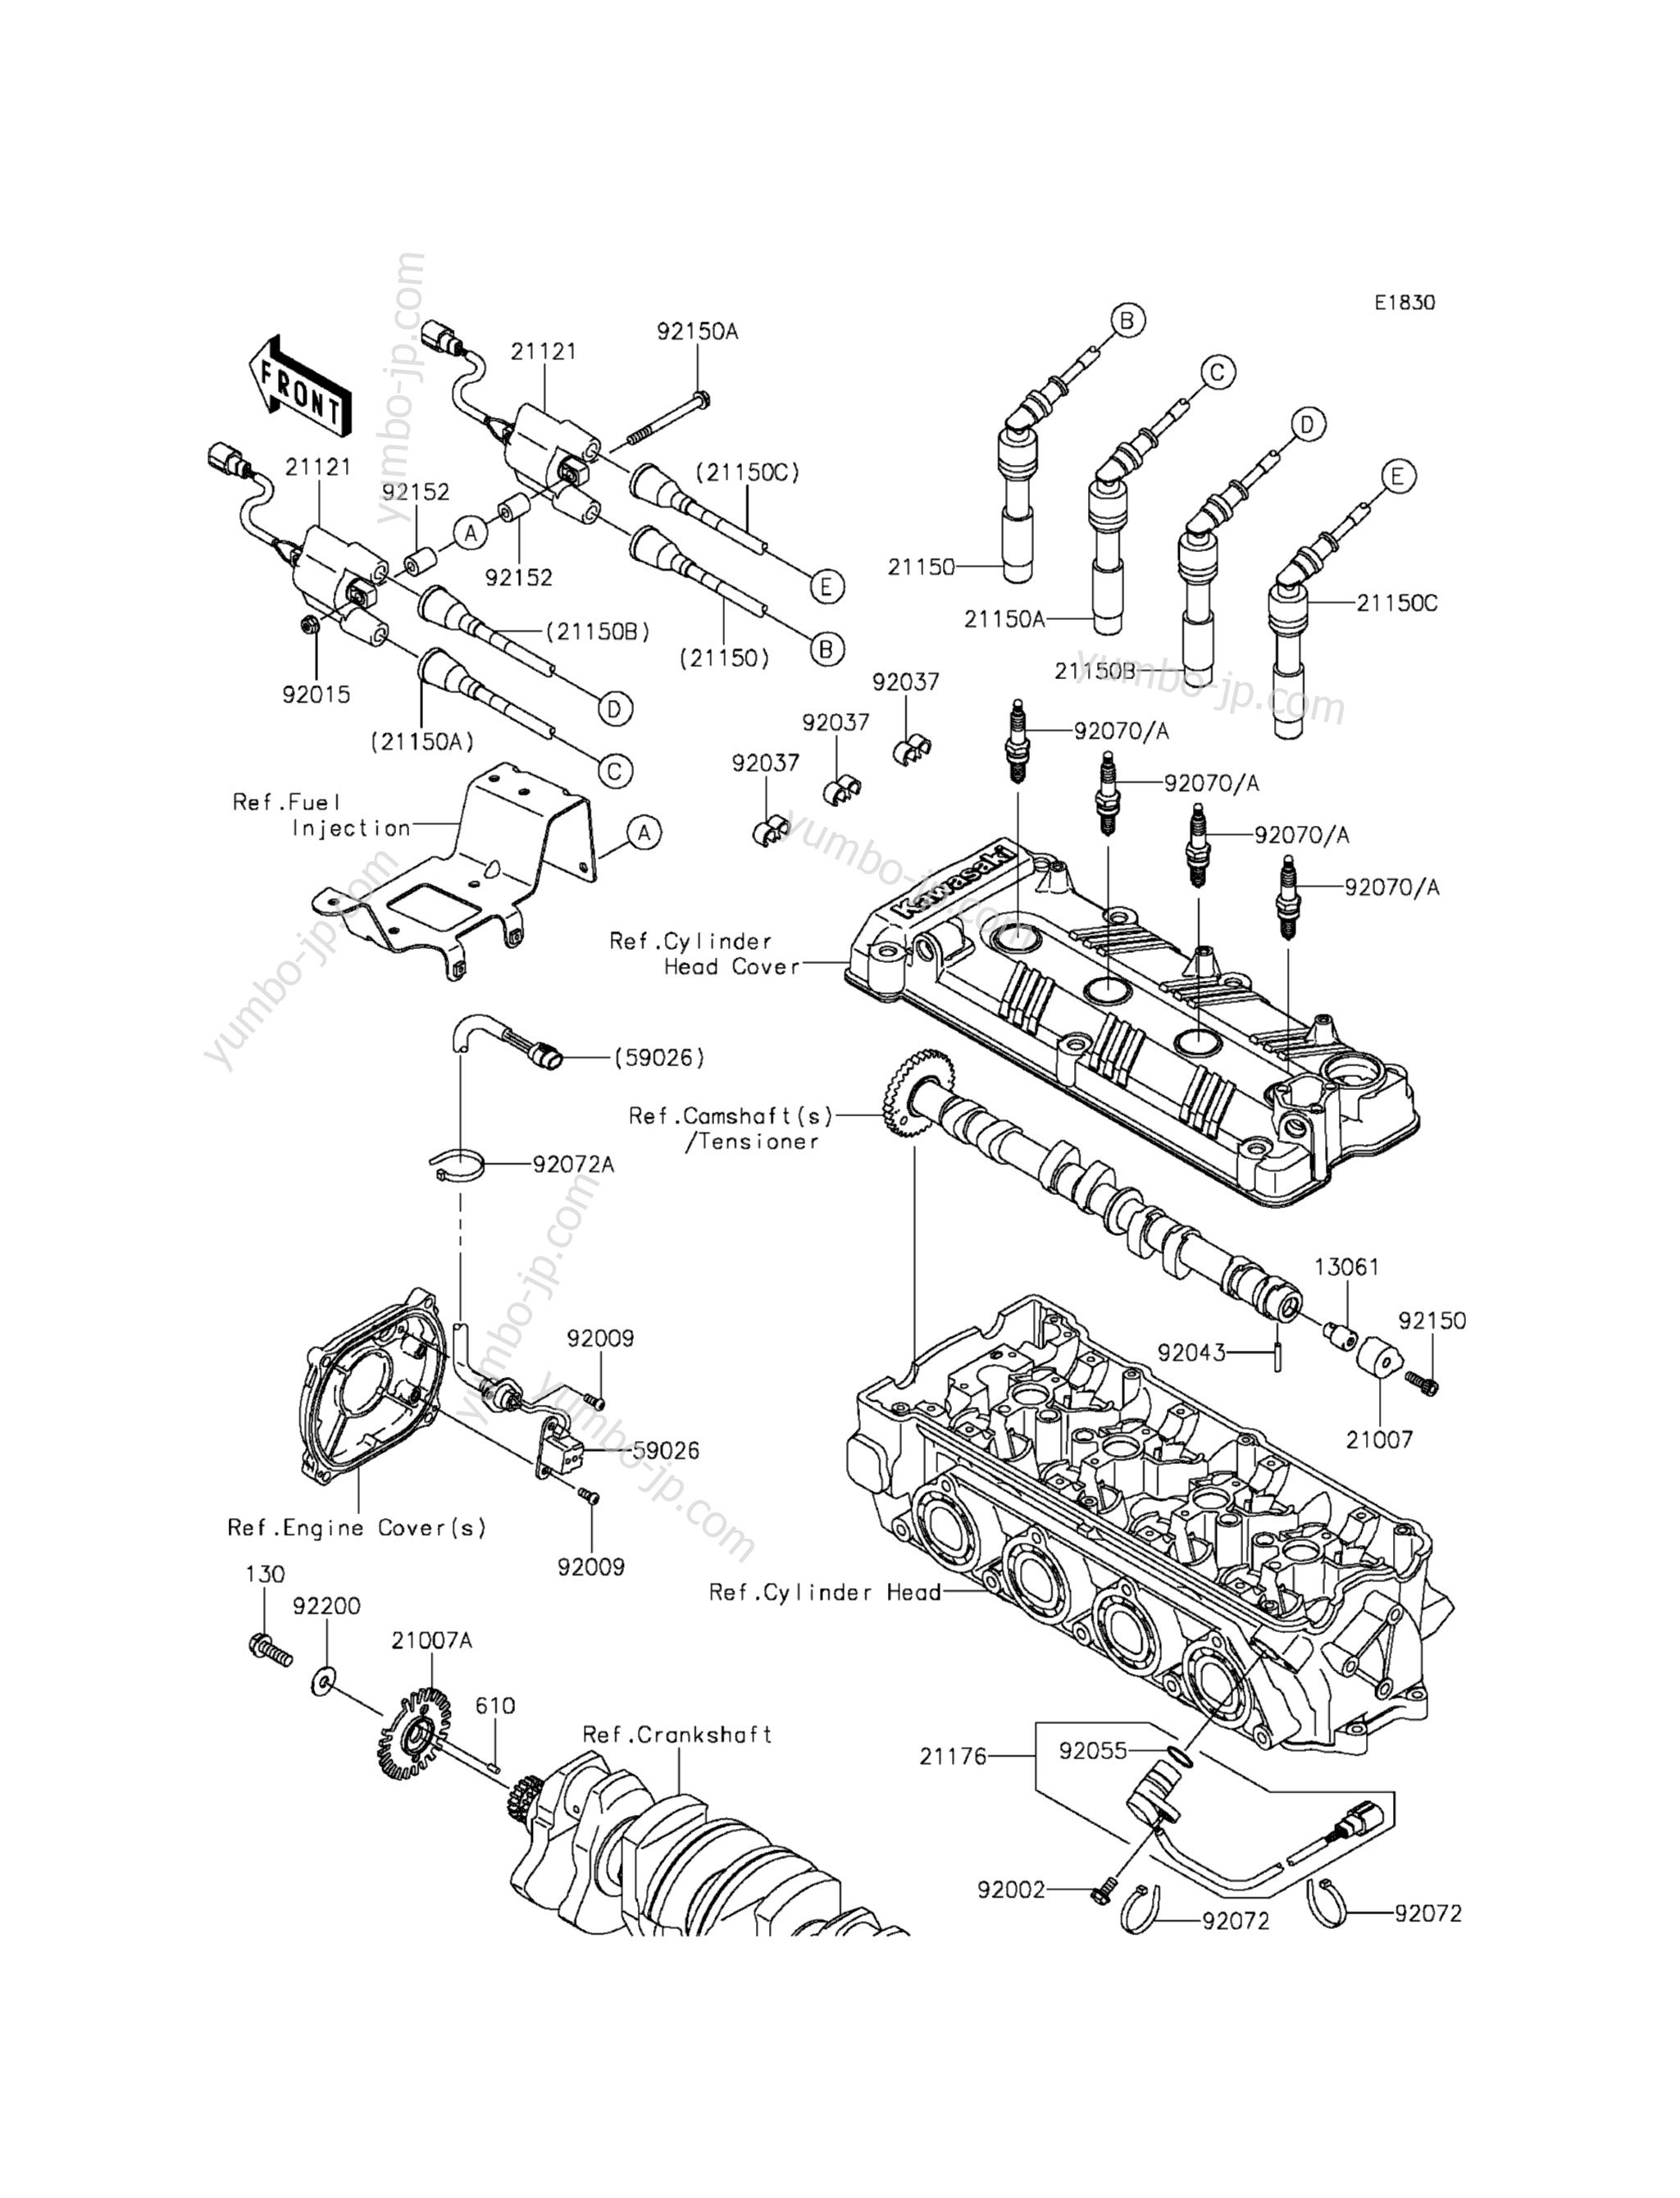 Ignition System(KCF∼KFF) для гидроциклов KAWASAKI JET SKI ULTRA LX (JT1500KFF) 2015 г.